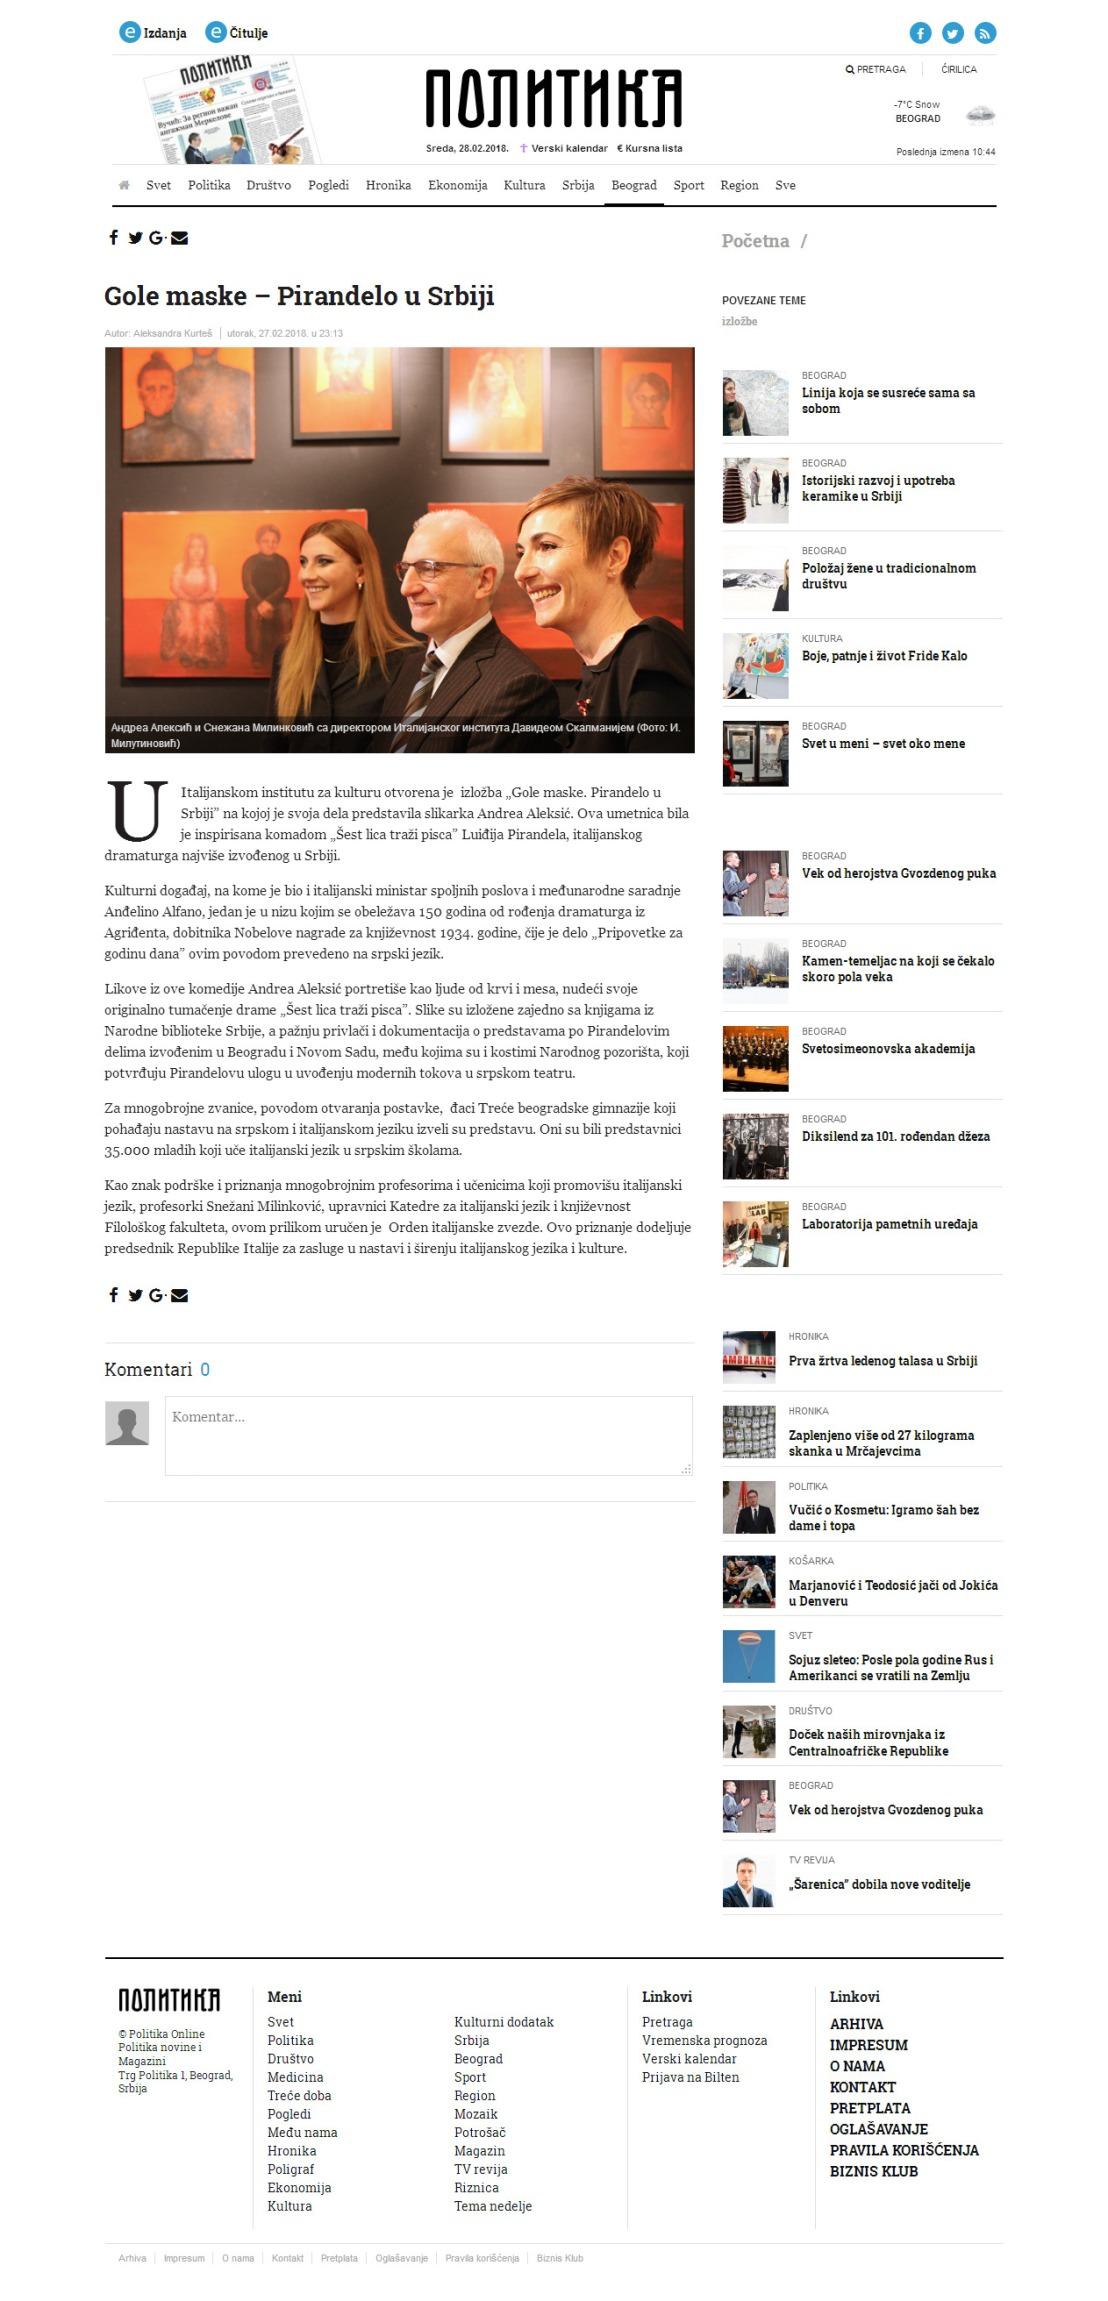 2702 - politika.rs - Gole maske Pirandelo u Srbiji